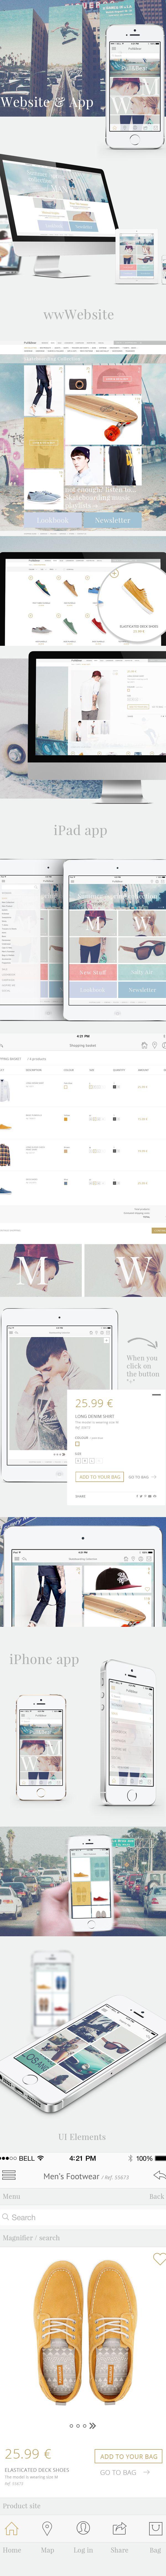 pull & bear website & app